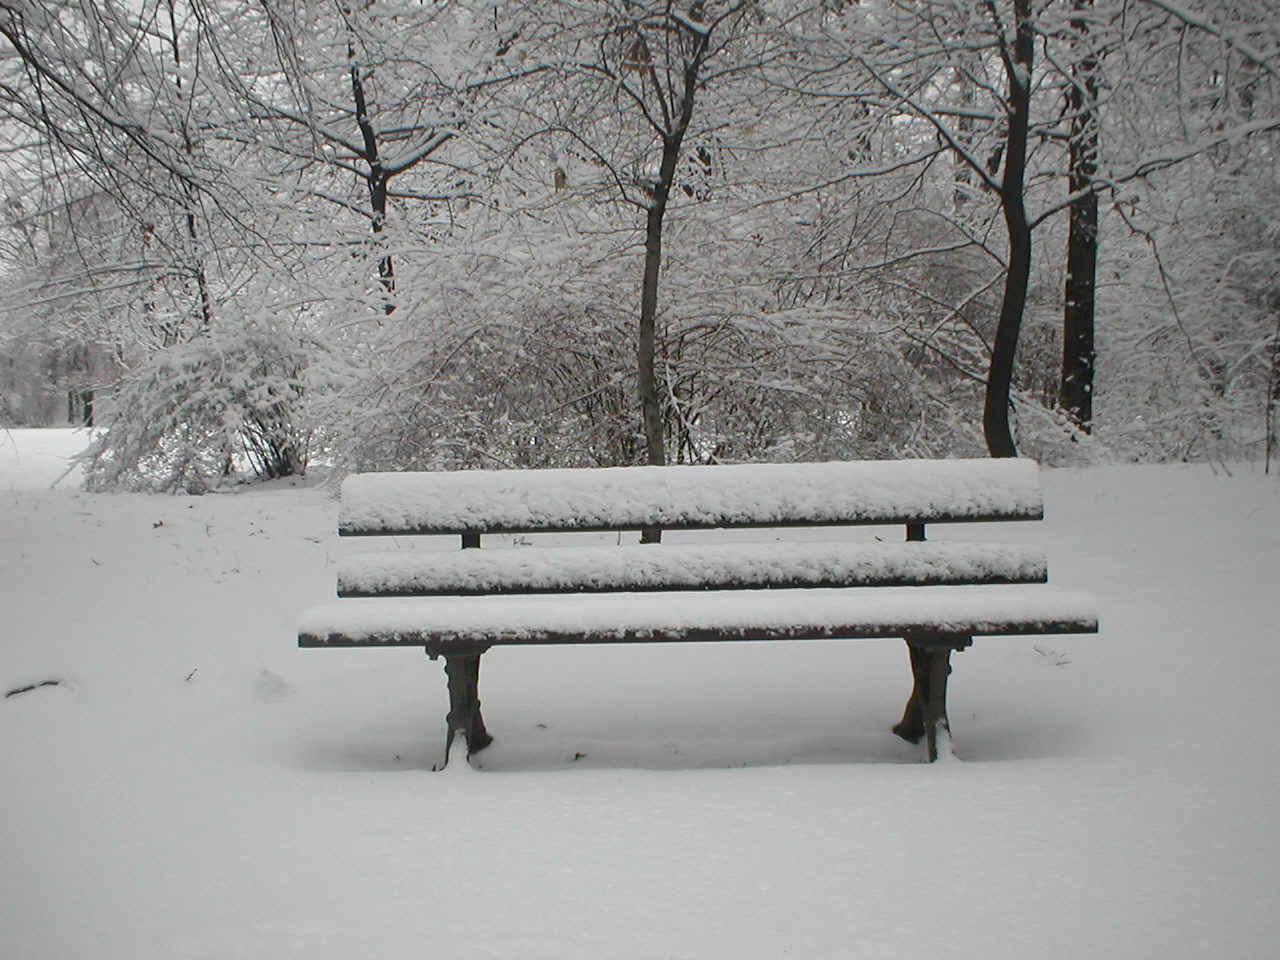 Winter im gro en garten - Winterliche bilder kostenlos ...